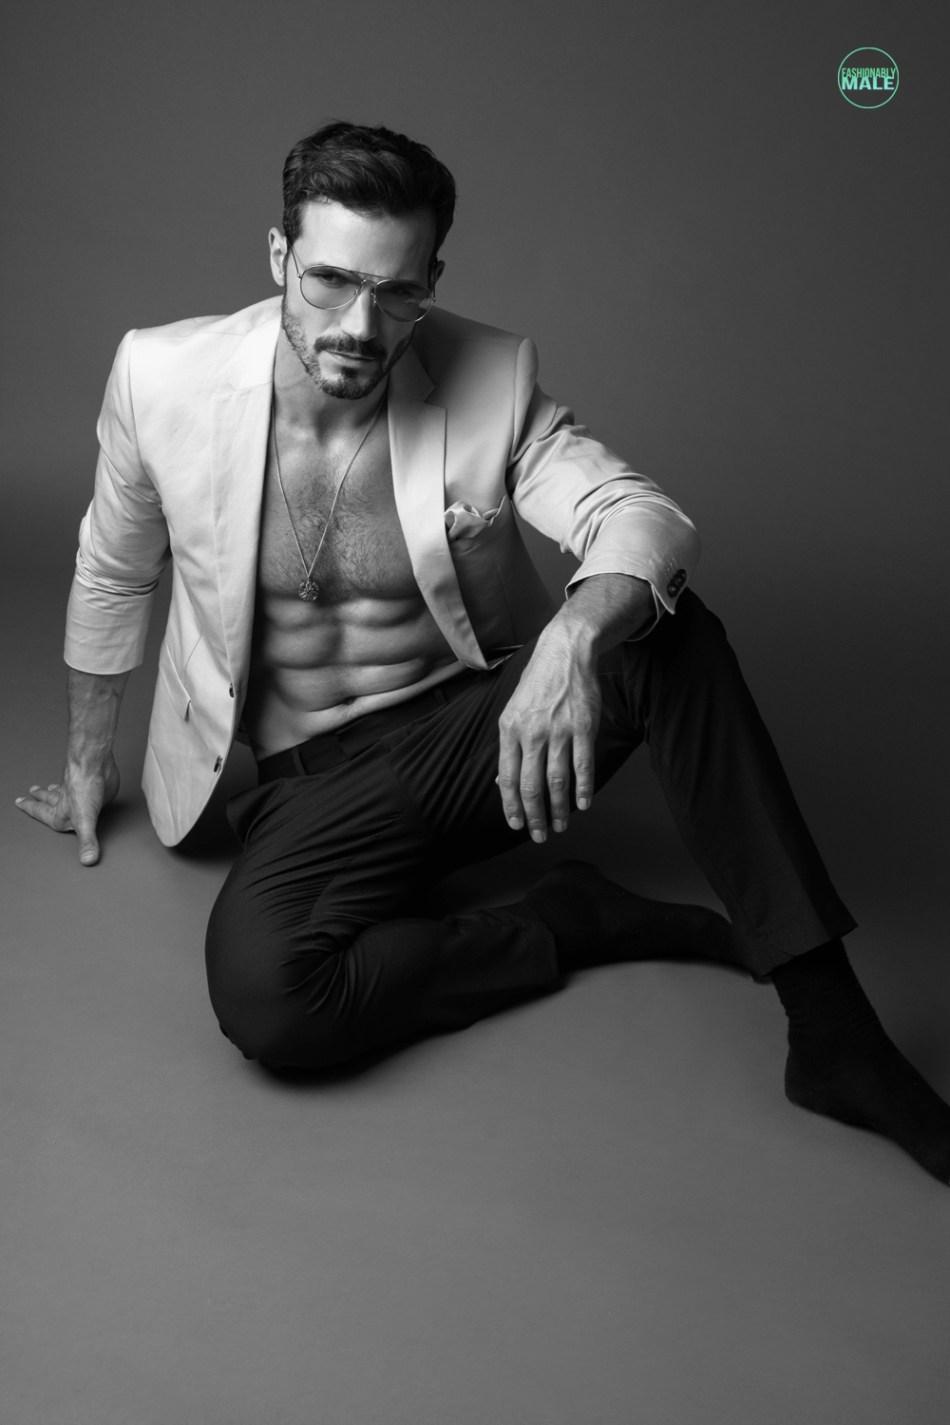 Adam Cowie by Malc Stone Fashionably Male6